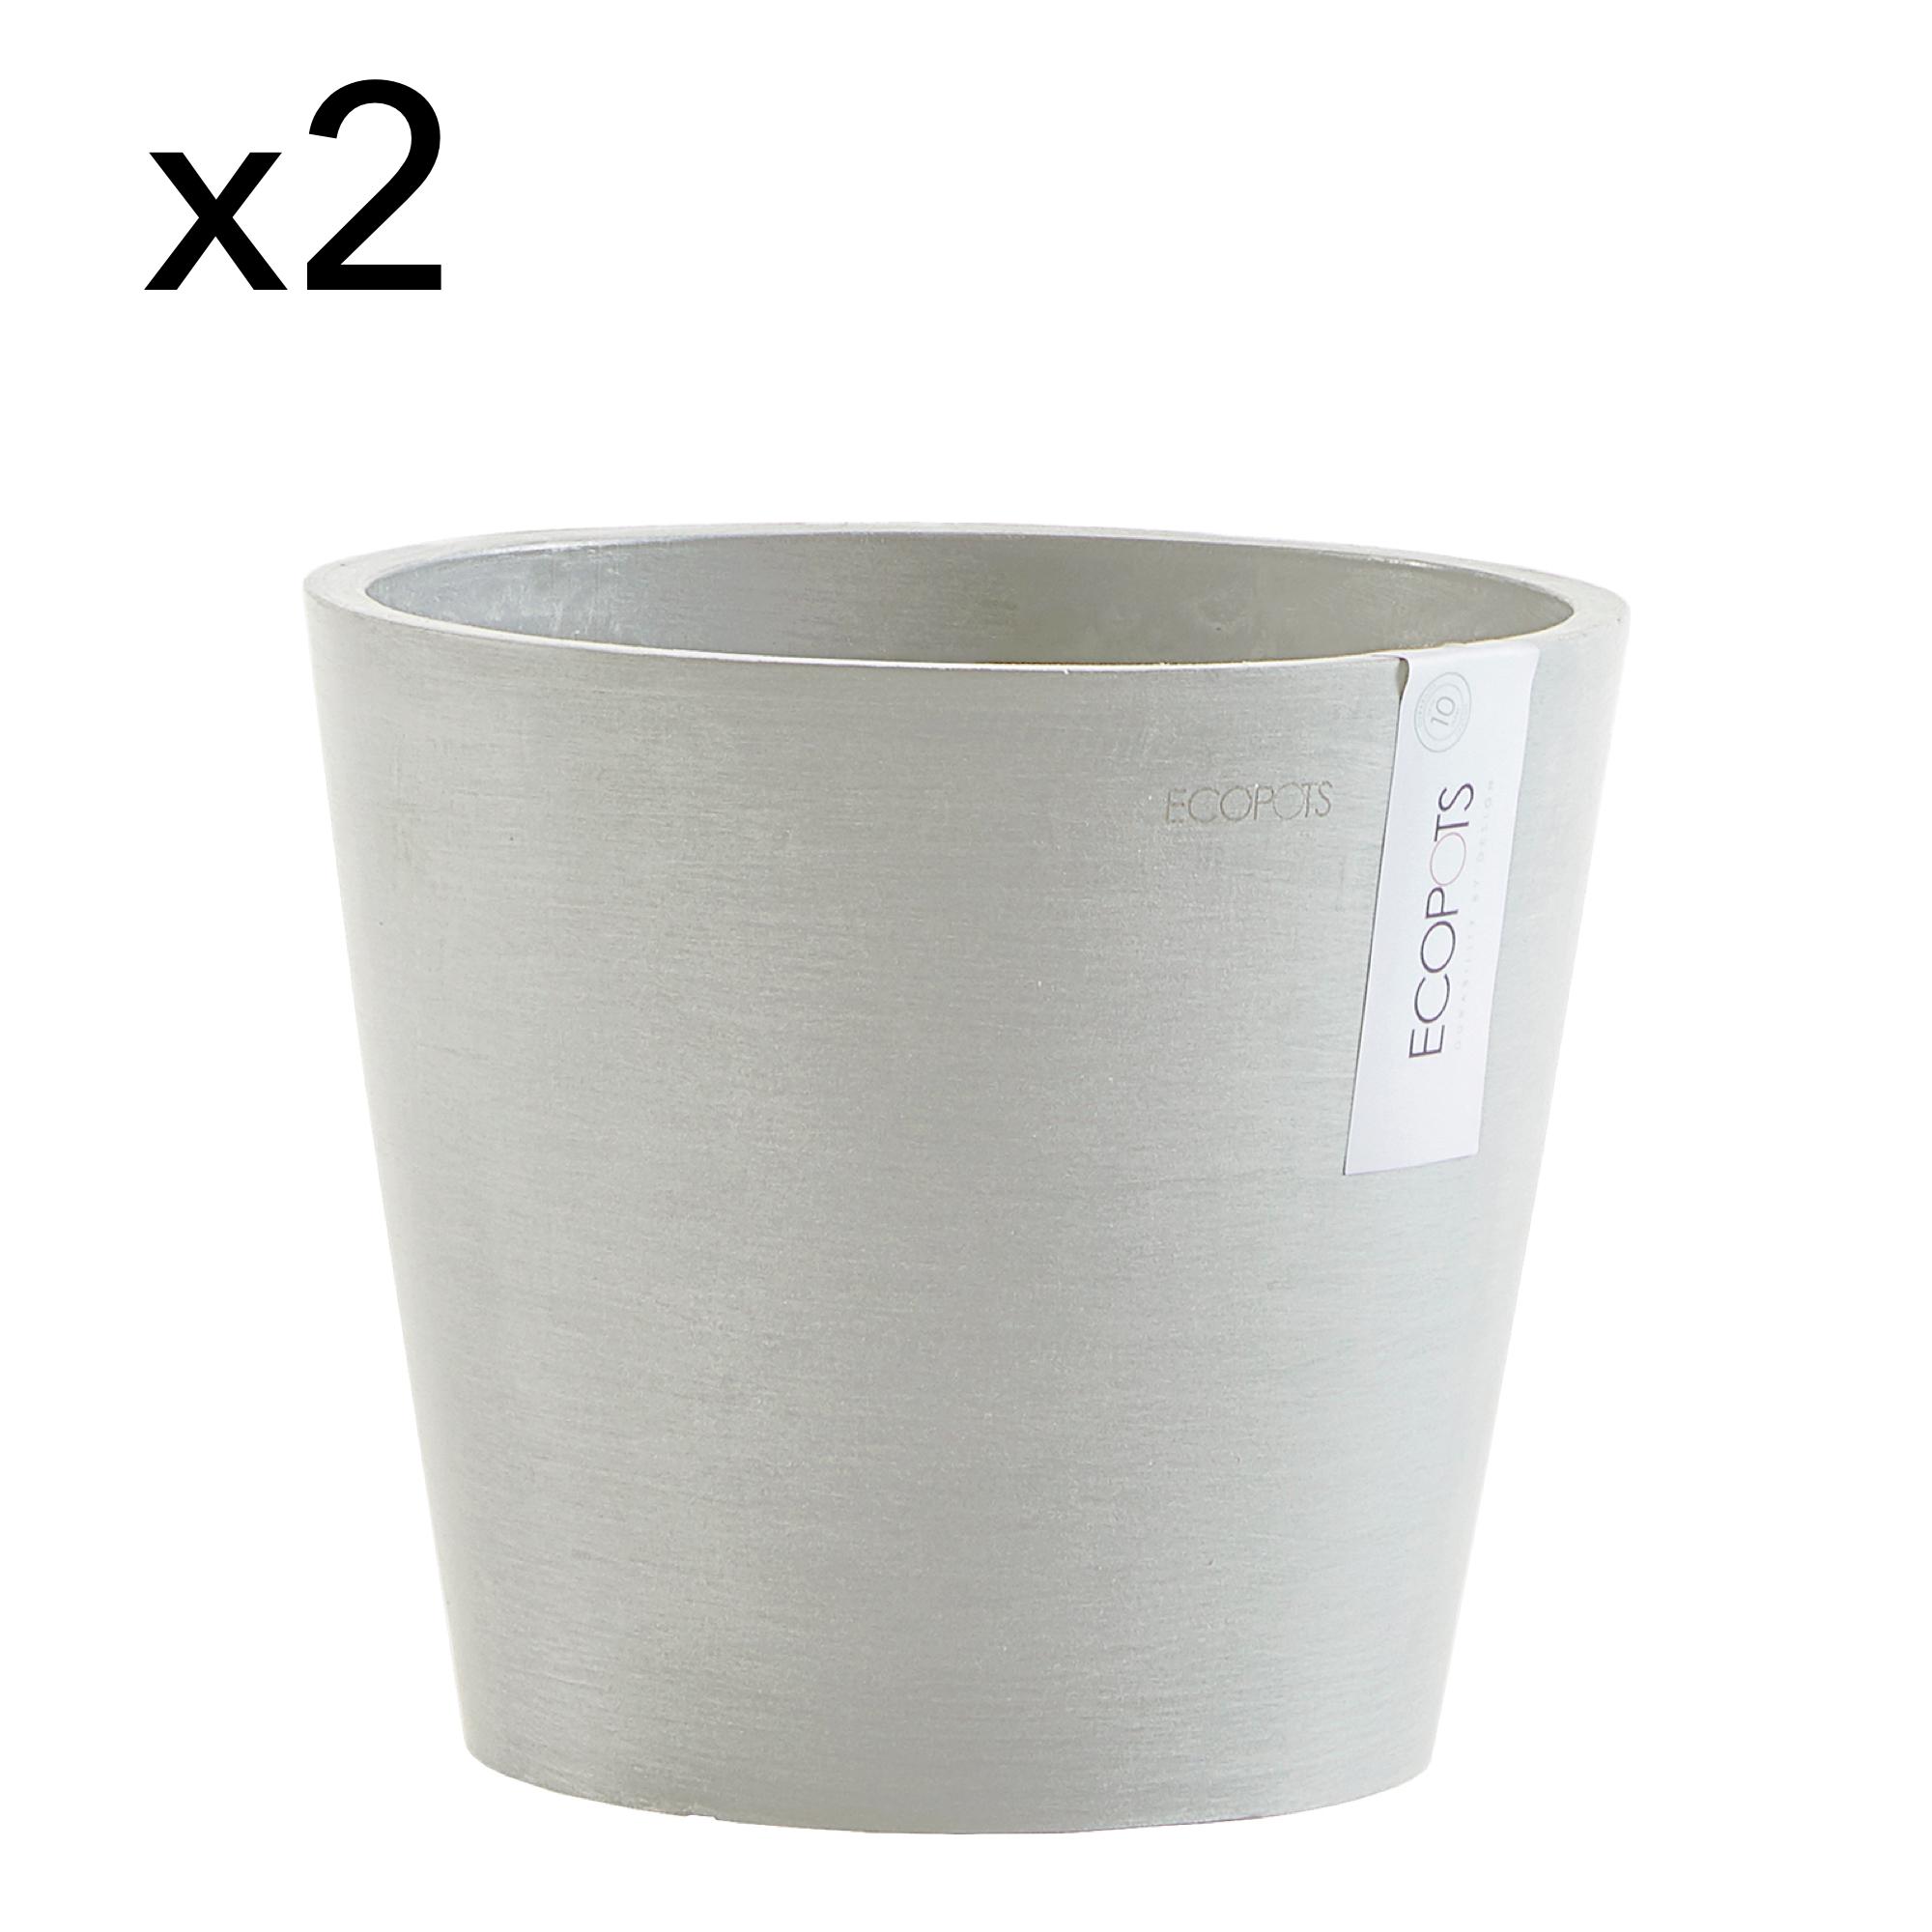 Lot de 2 pots de fleurs blanc gris D20